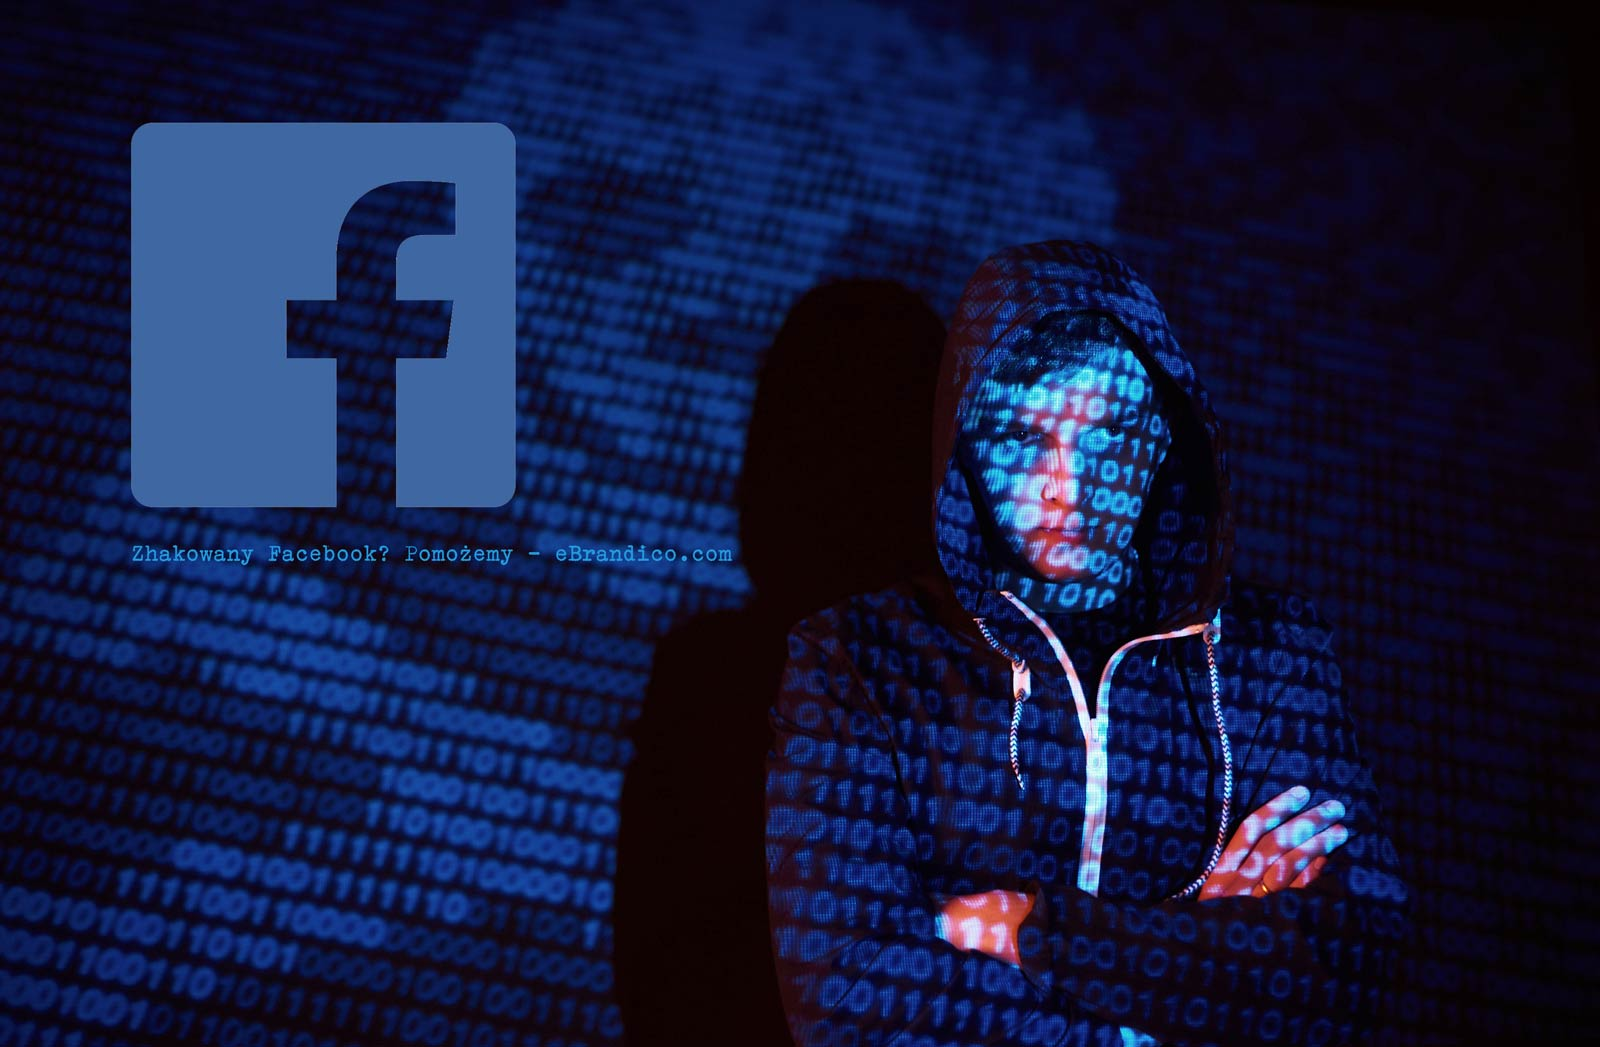 Zhakowany Facebook fanpage?